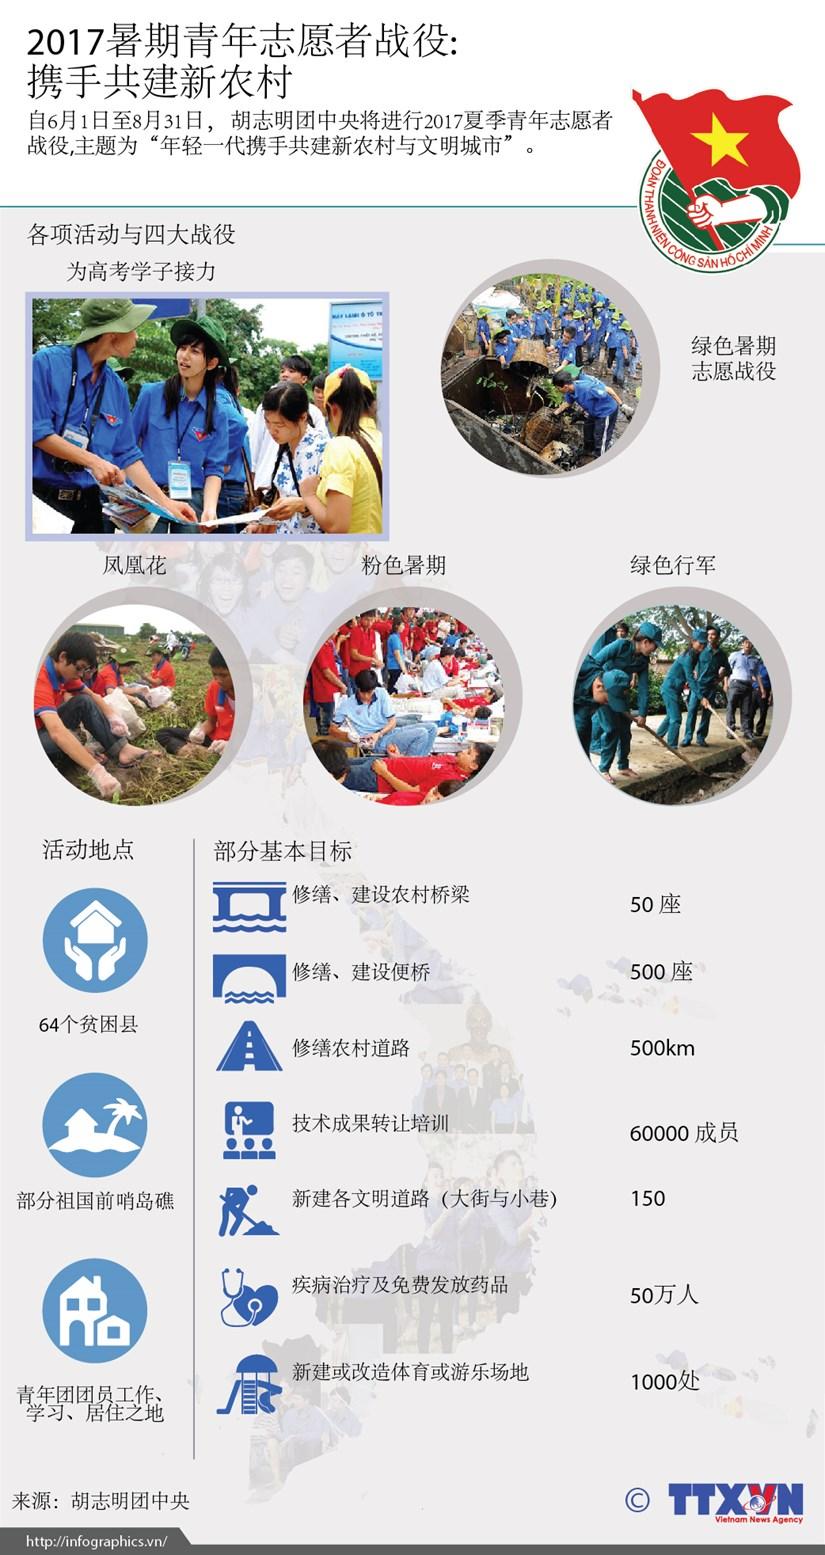 2017暑期青年志愿者战役: 携手共建新农村 hinh anh 1